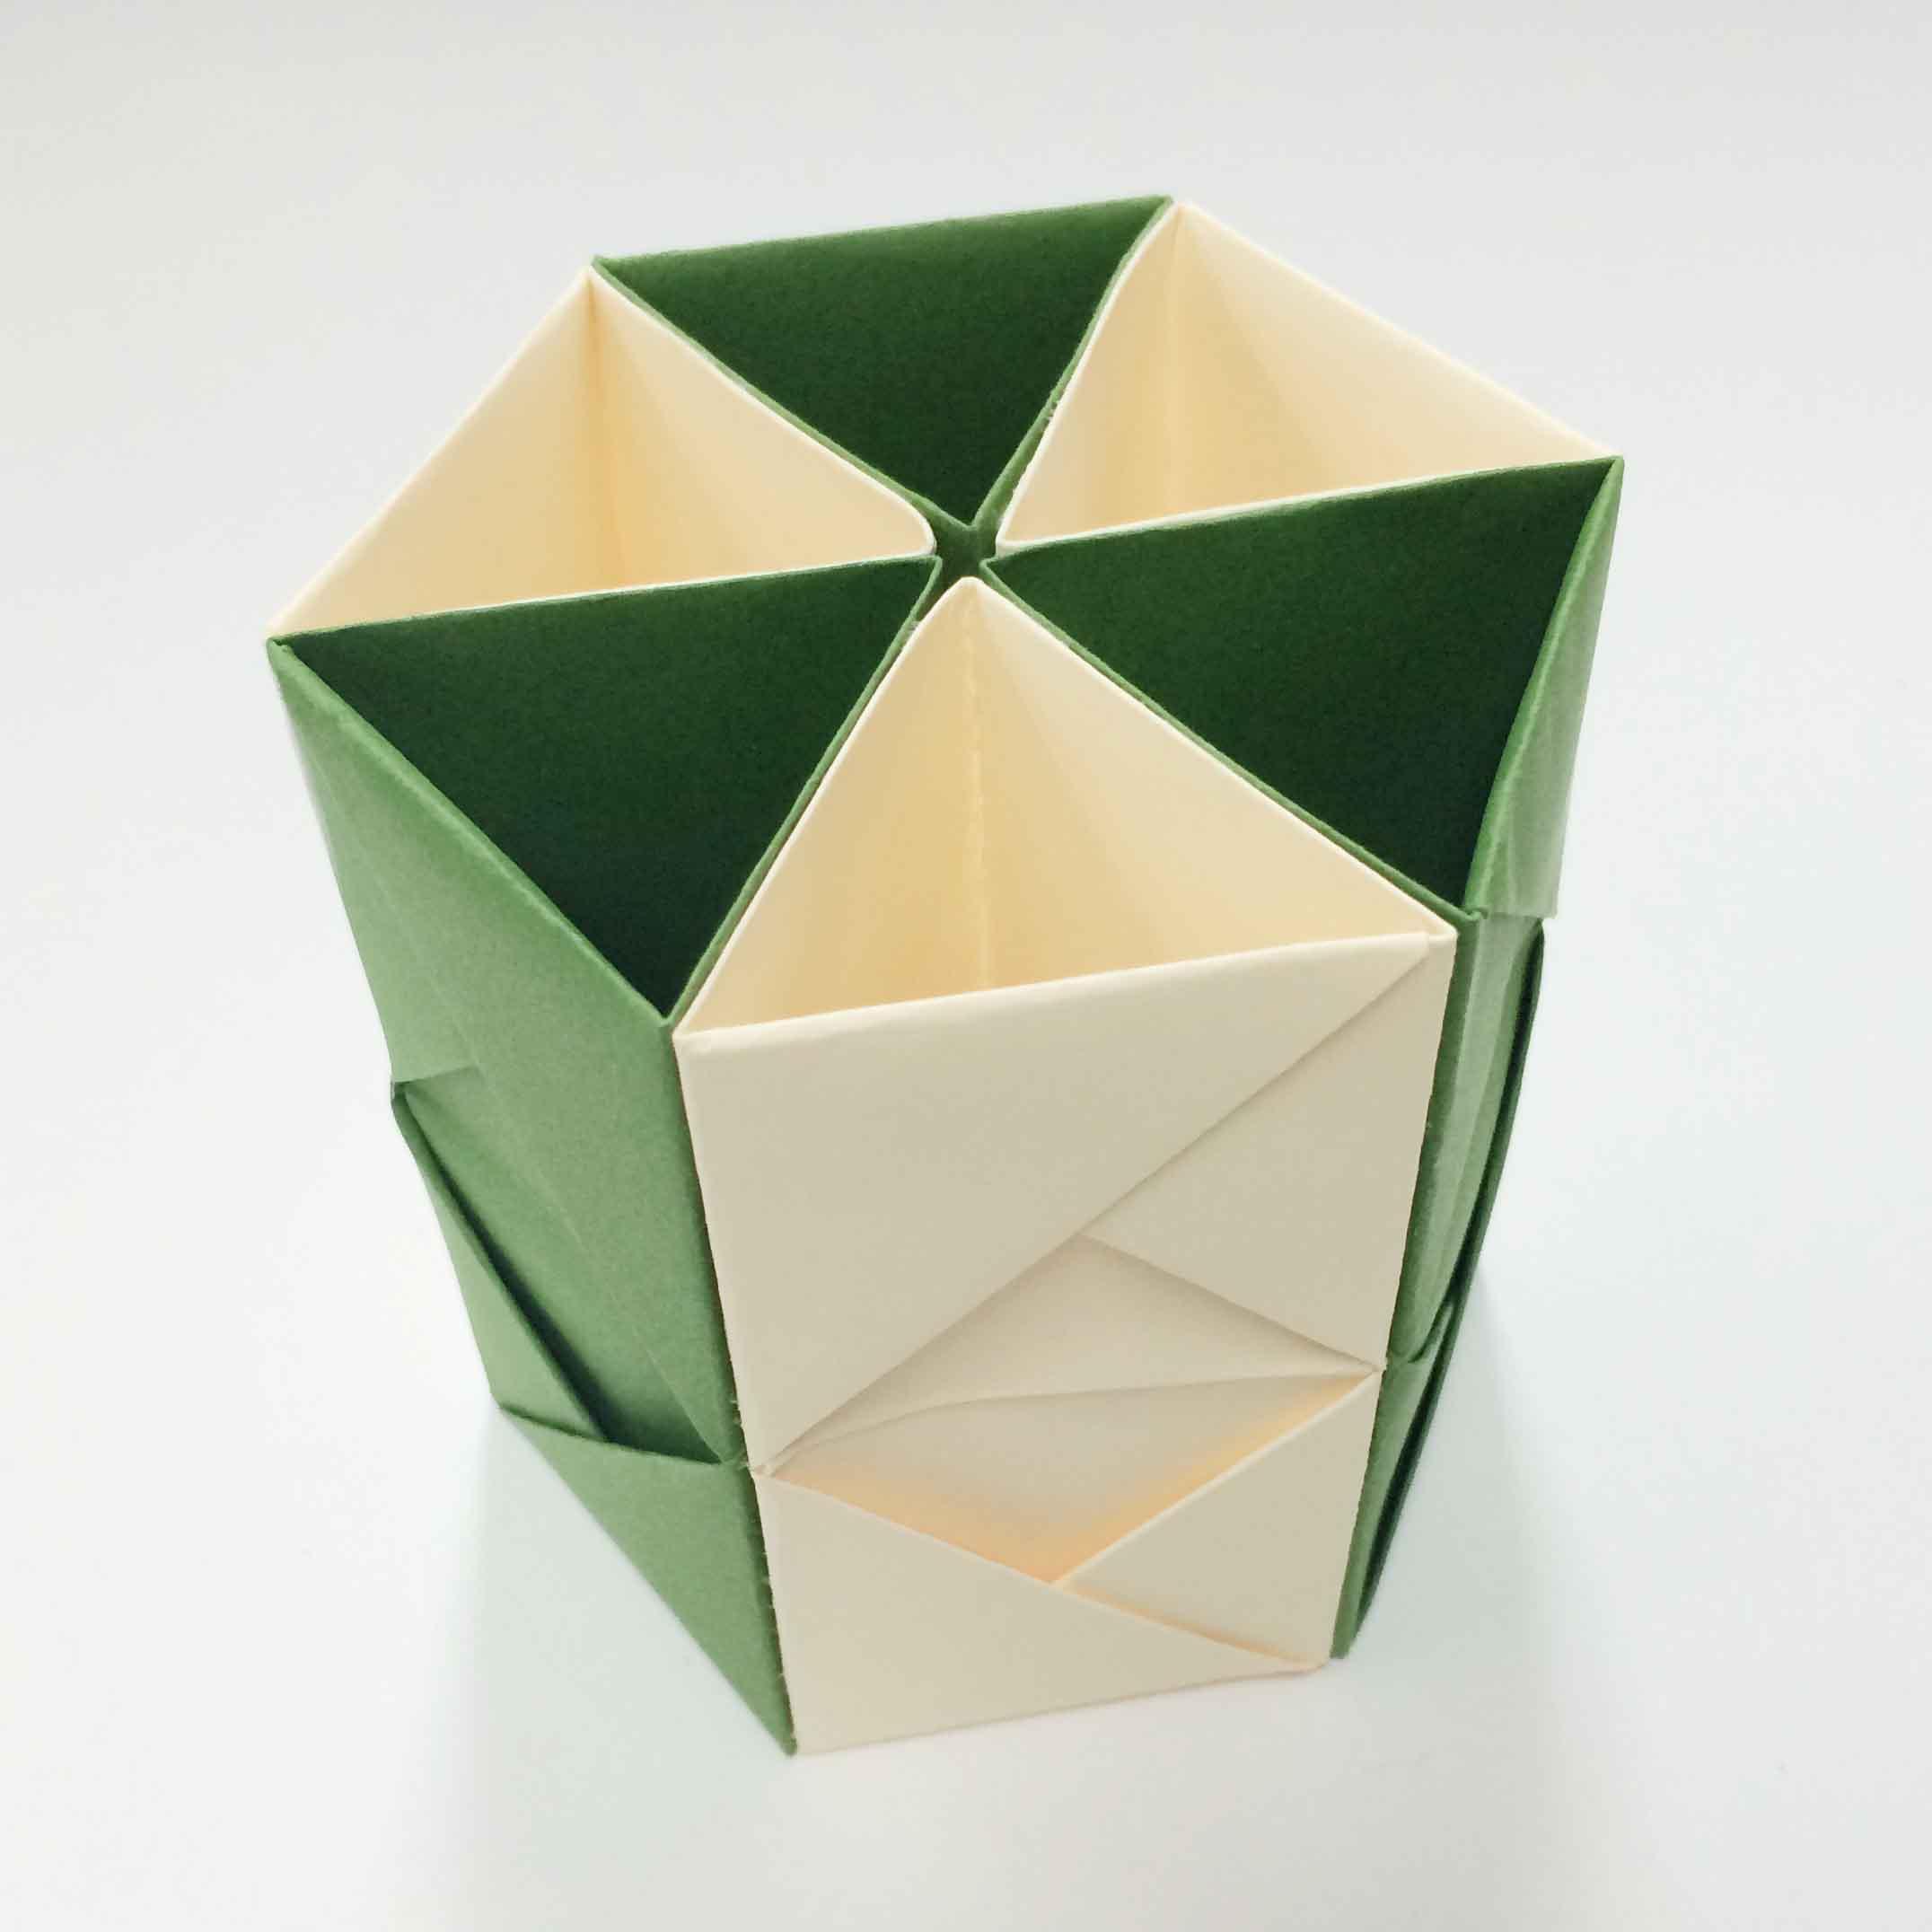 六個全部連接起來的樣子,,,六角形完成!!